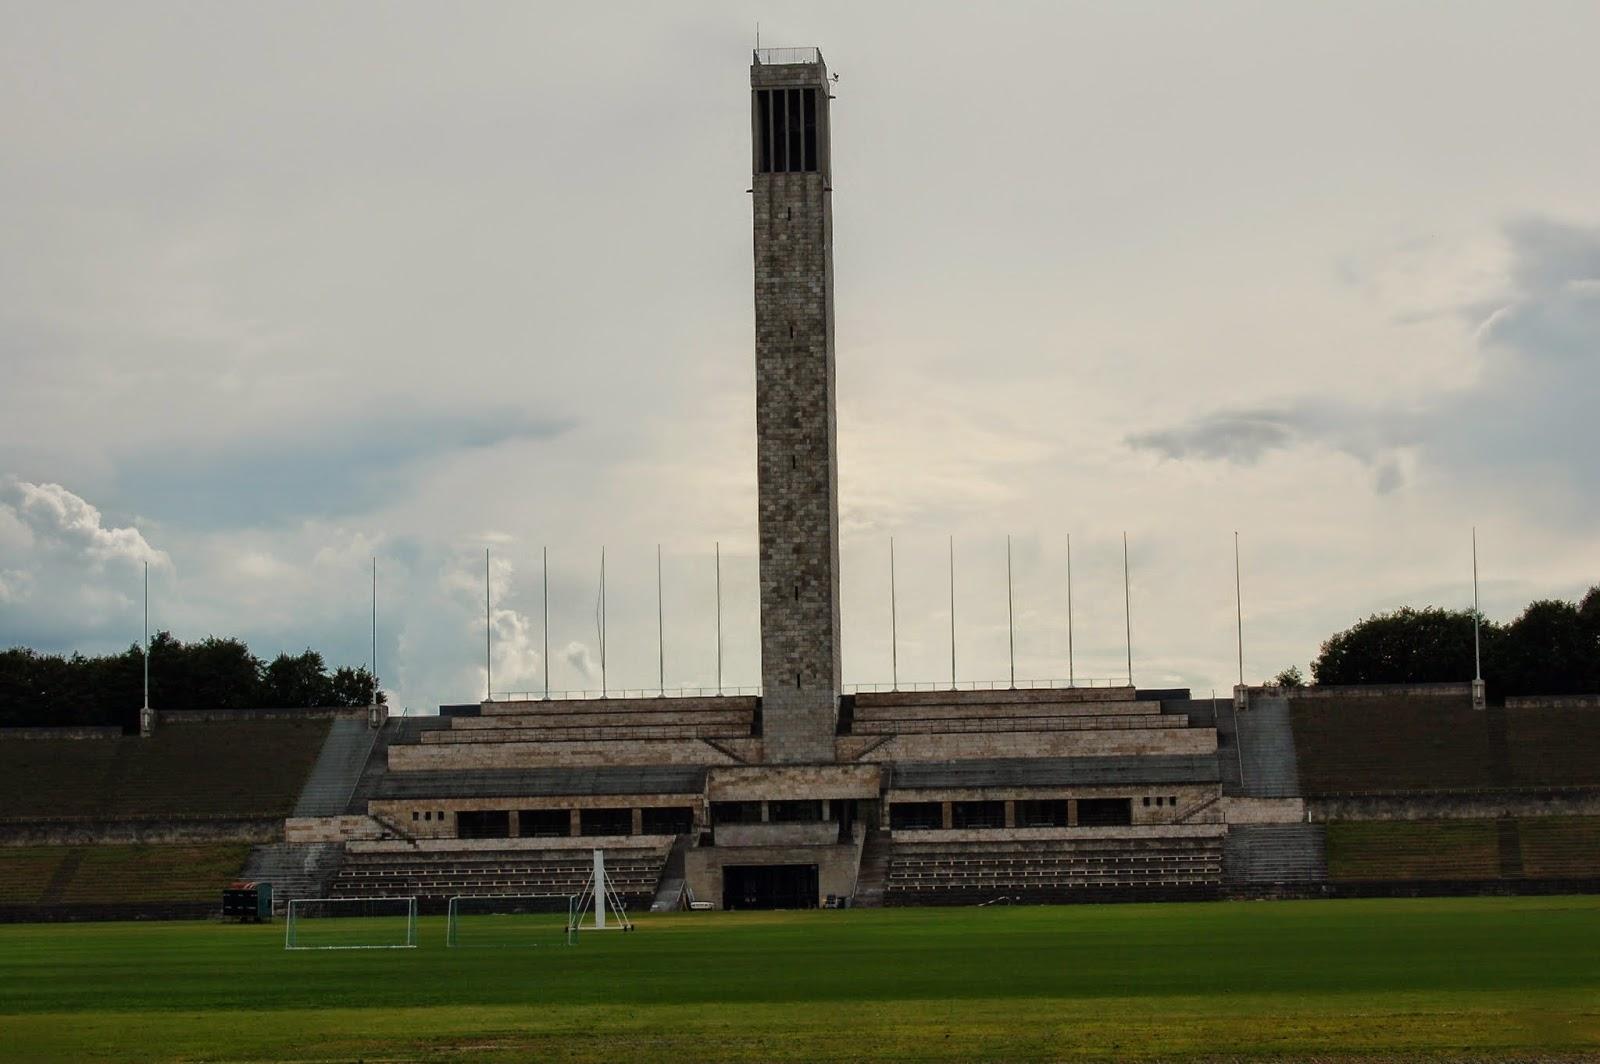 Stadion olimpijski w Berlinie, widok z murawy